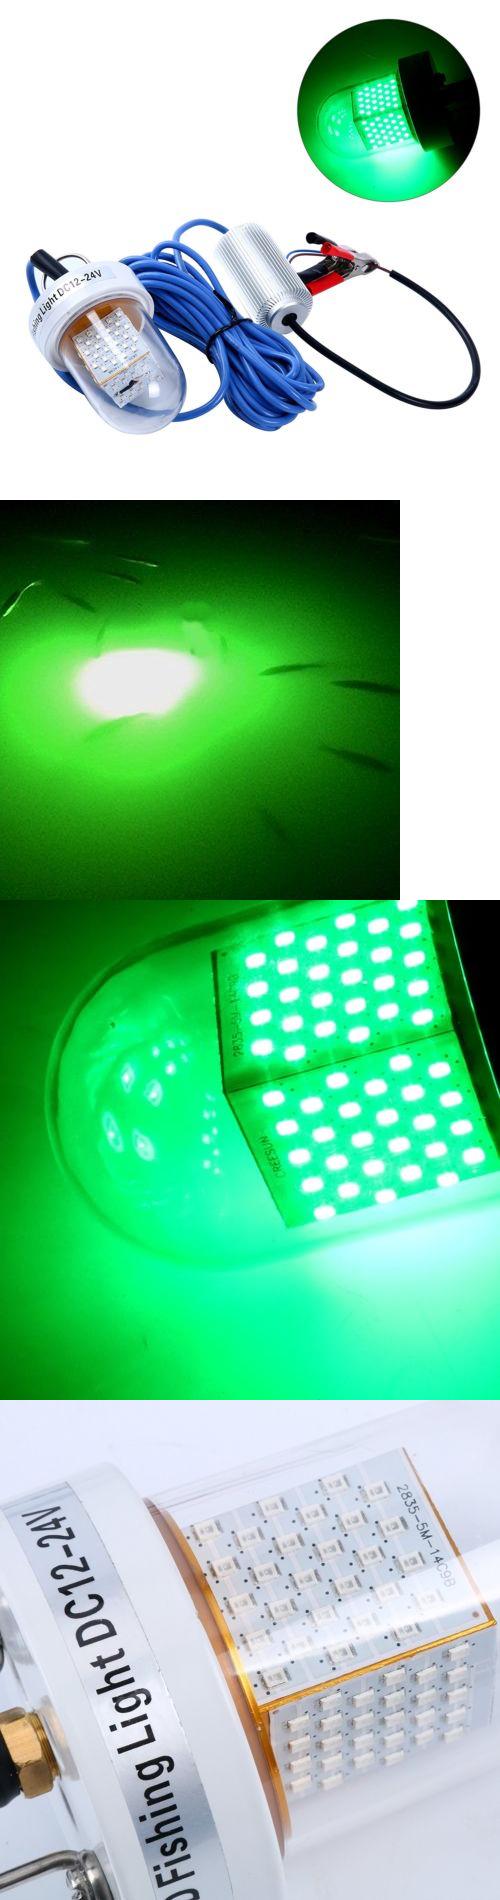 lights 123489: marine/boat green led 12v24v 60w lure bait finder, Reel Combo